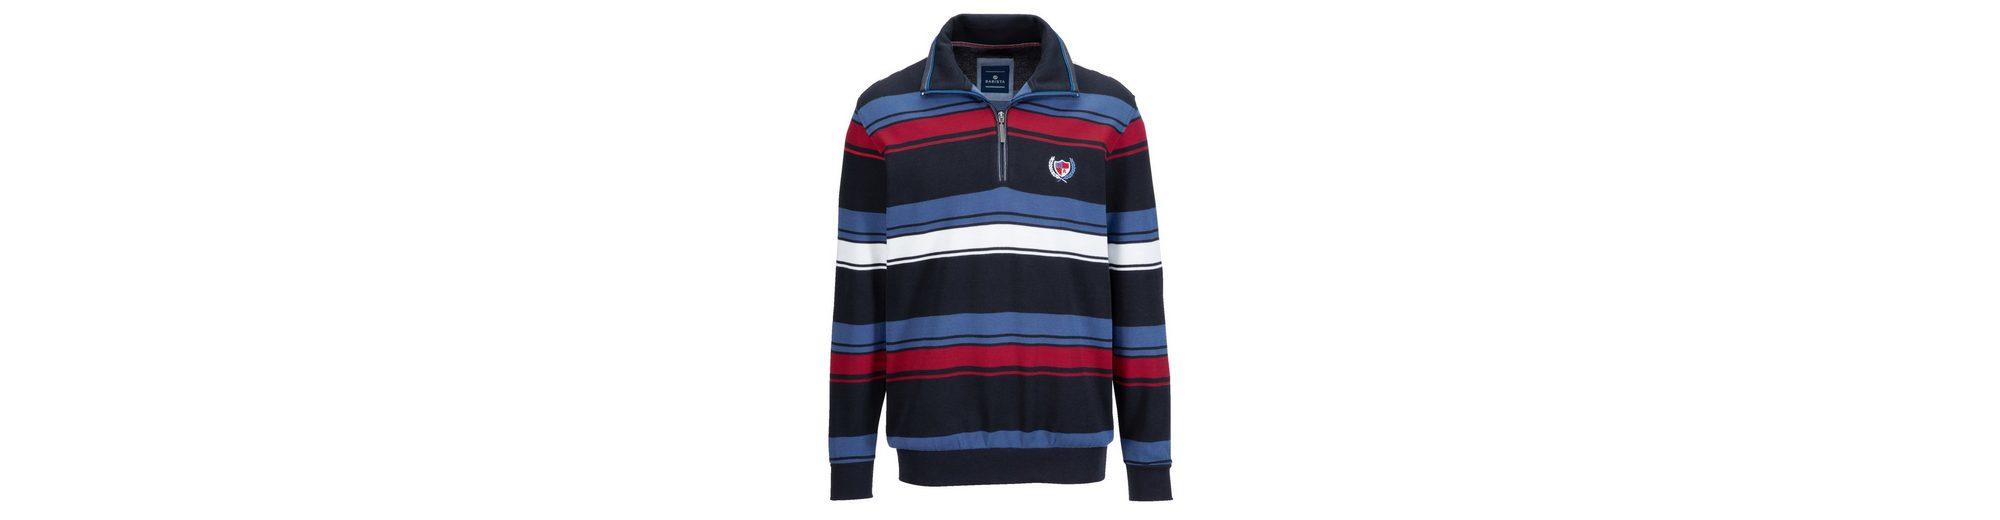 Sehr Billig Günstiger Preis Fälscht Babista Sweatshirt mit garngefärbtem Streifenmuster 70NLr